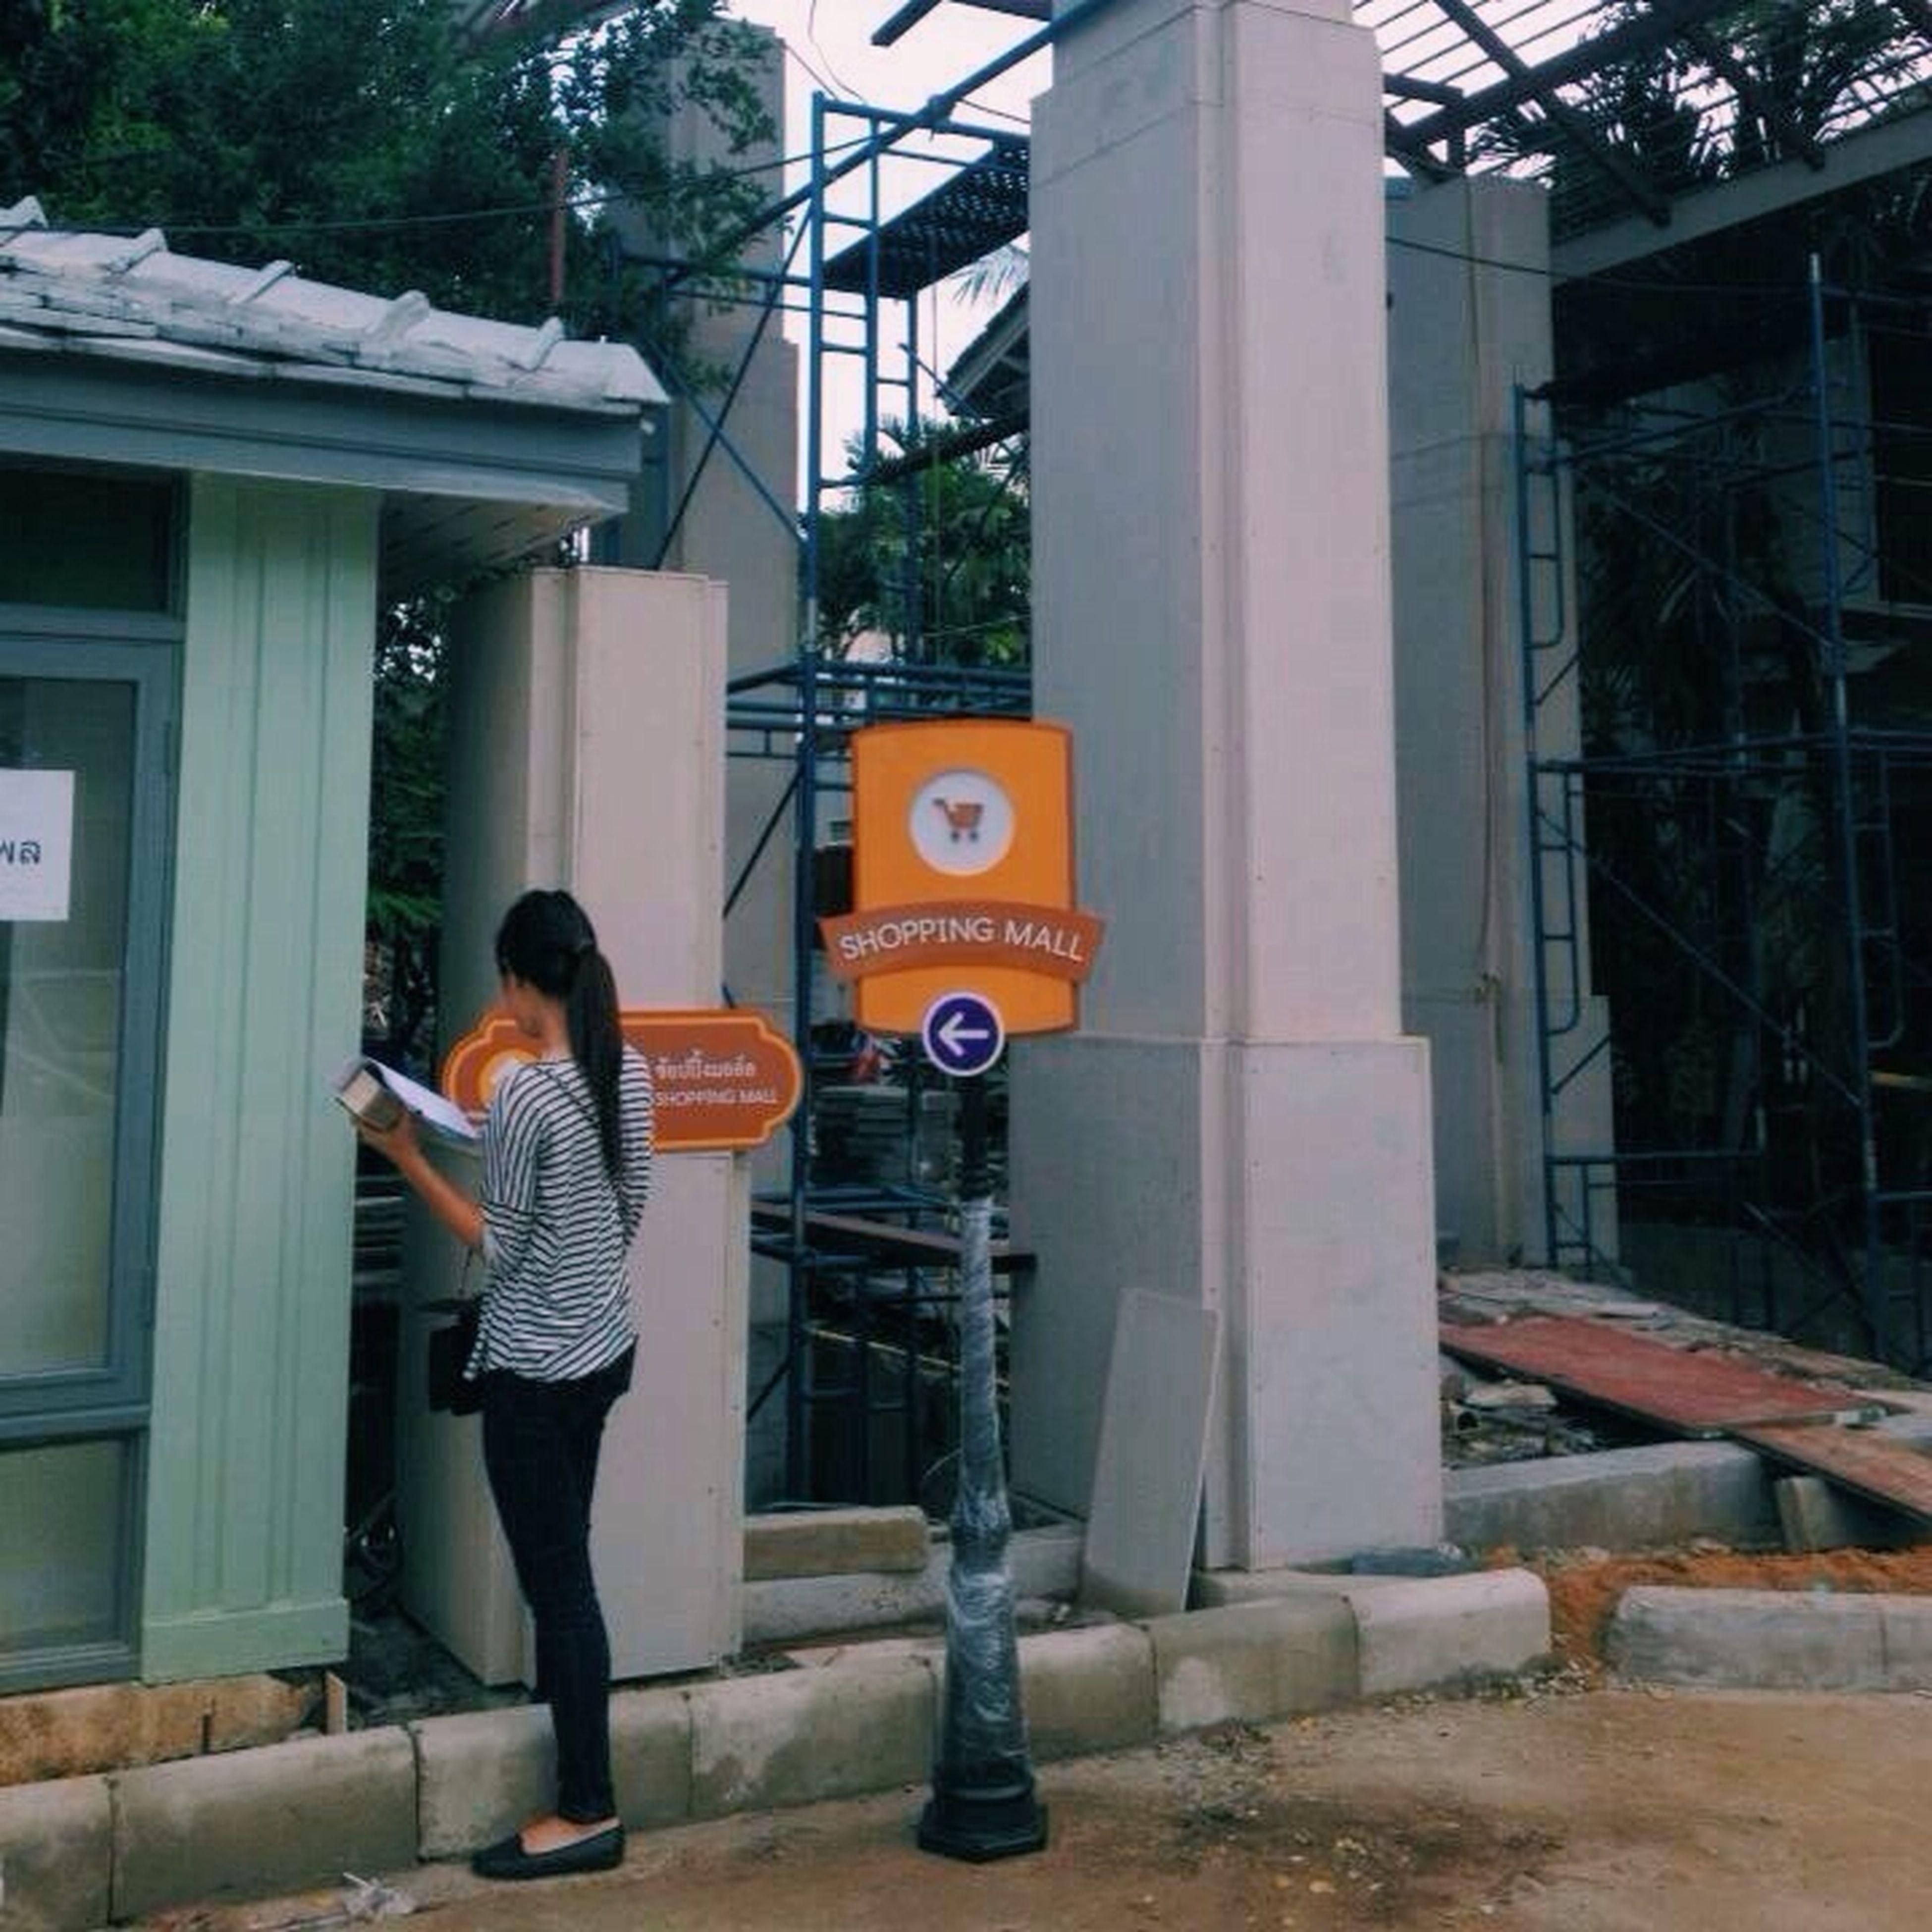 Approved signage Signage Myjob Work Bangkok Thailand.